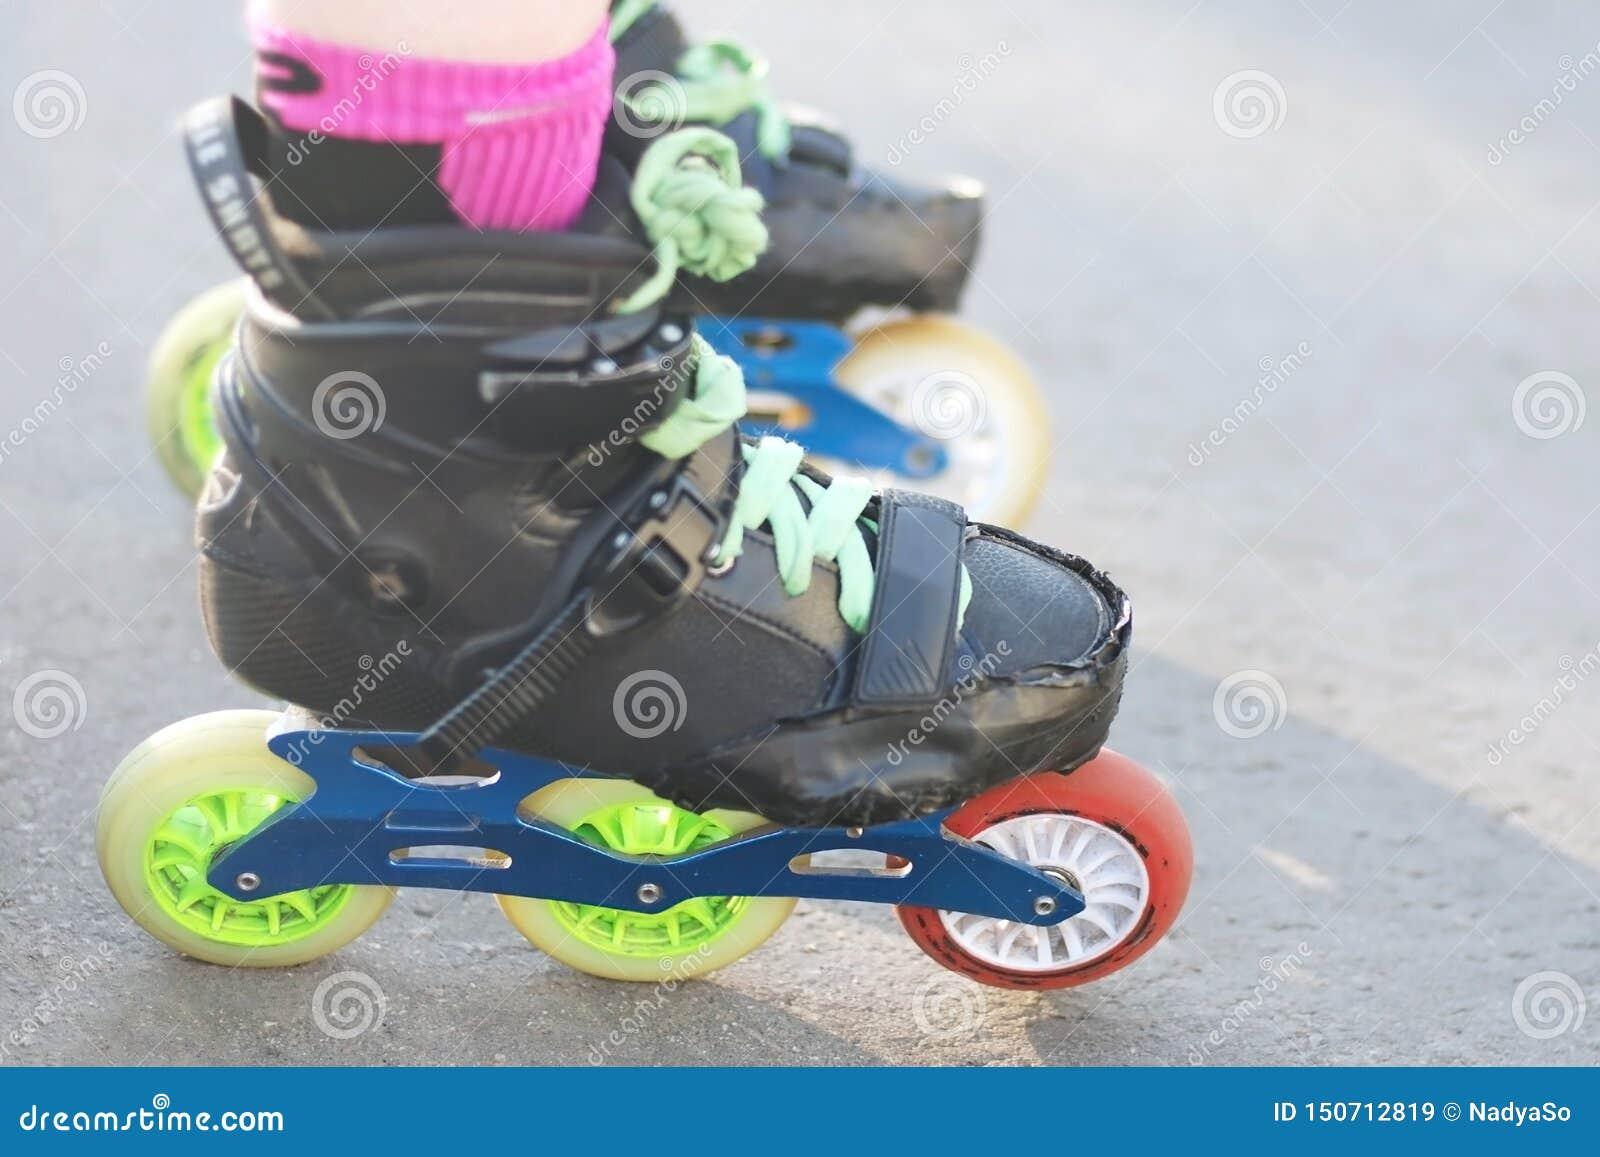 Las piernas del rodillo que llevan los rodillos para el patinaje en línea y del eslalom